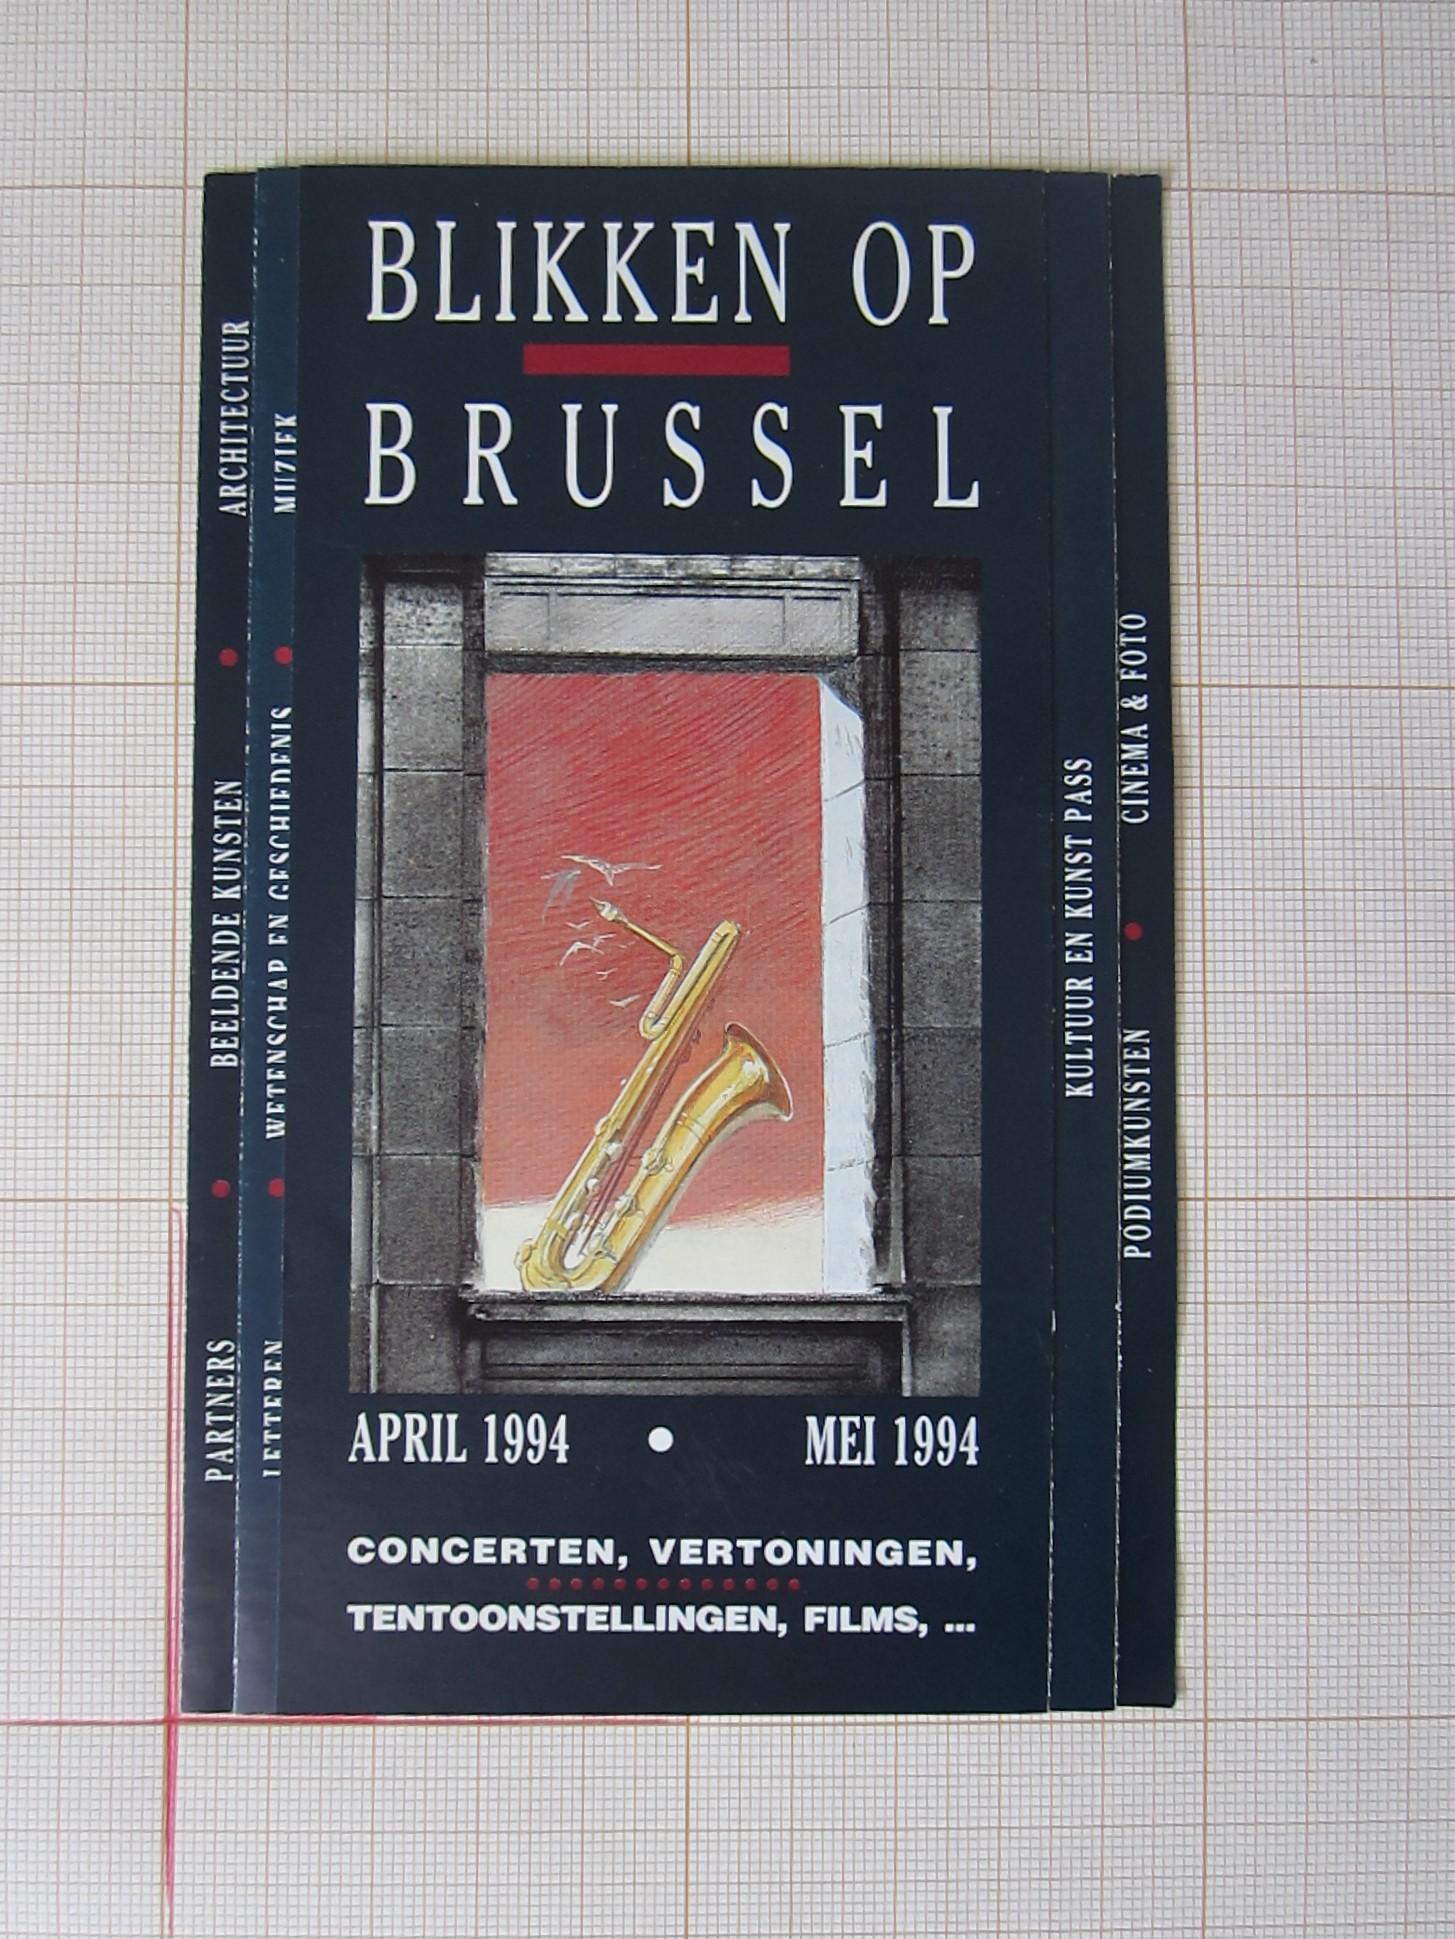 Blikken op Brussel© François Schuiten, 1994